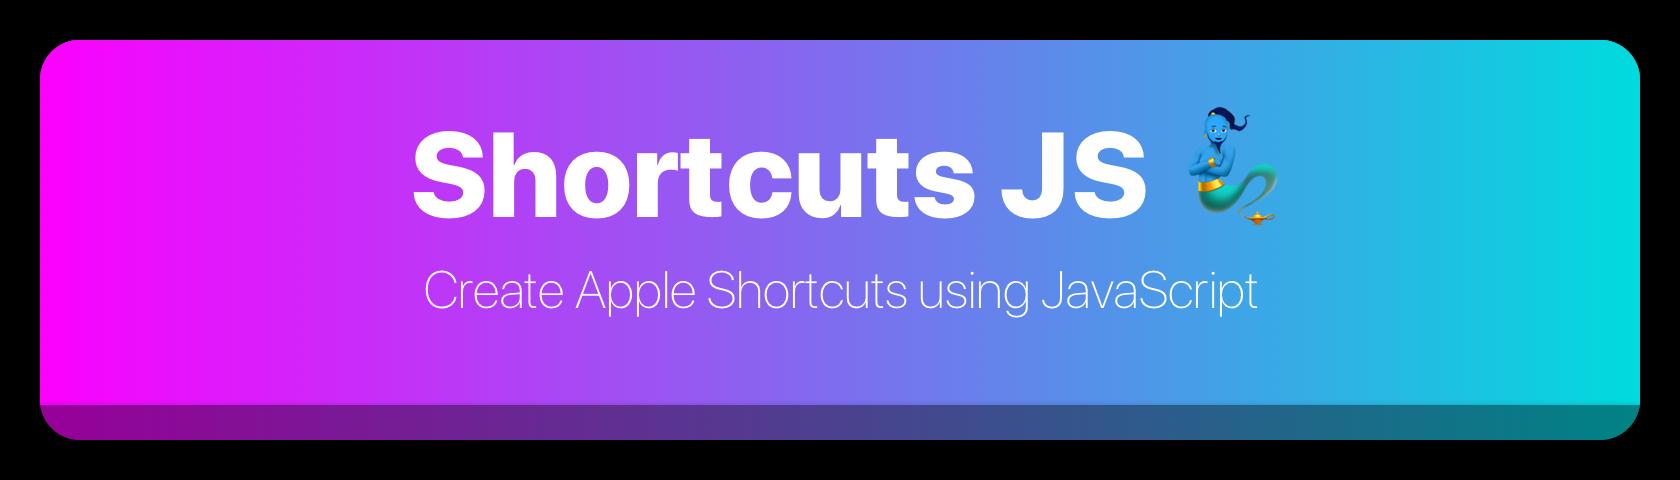 Shortcuts JS Logo